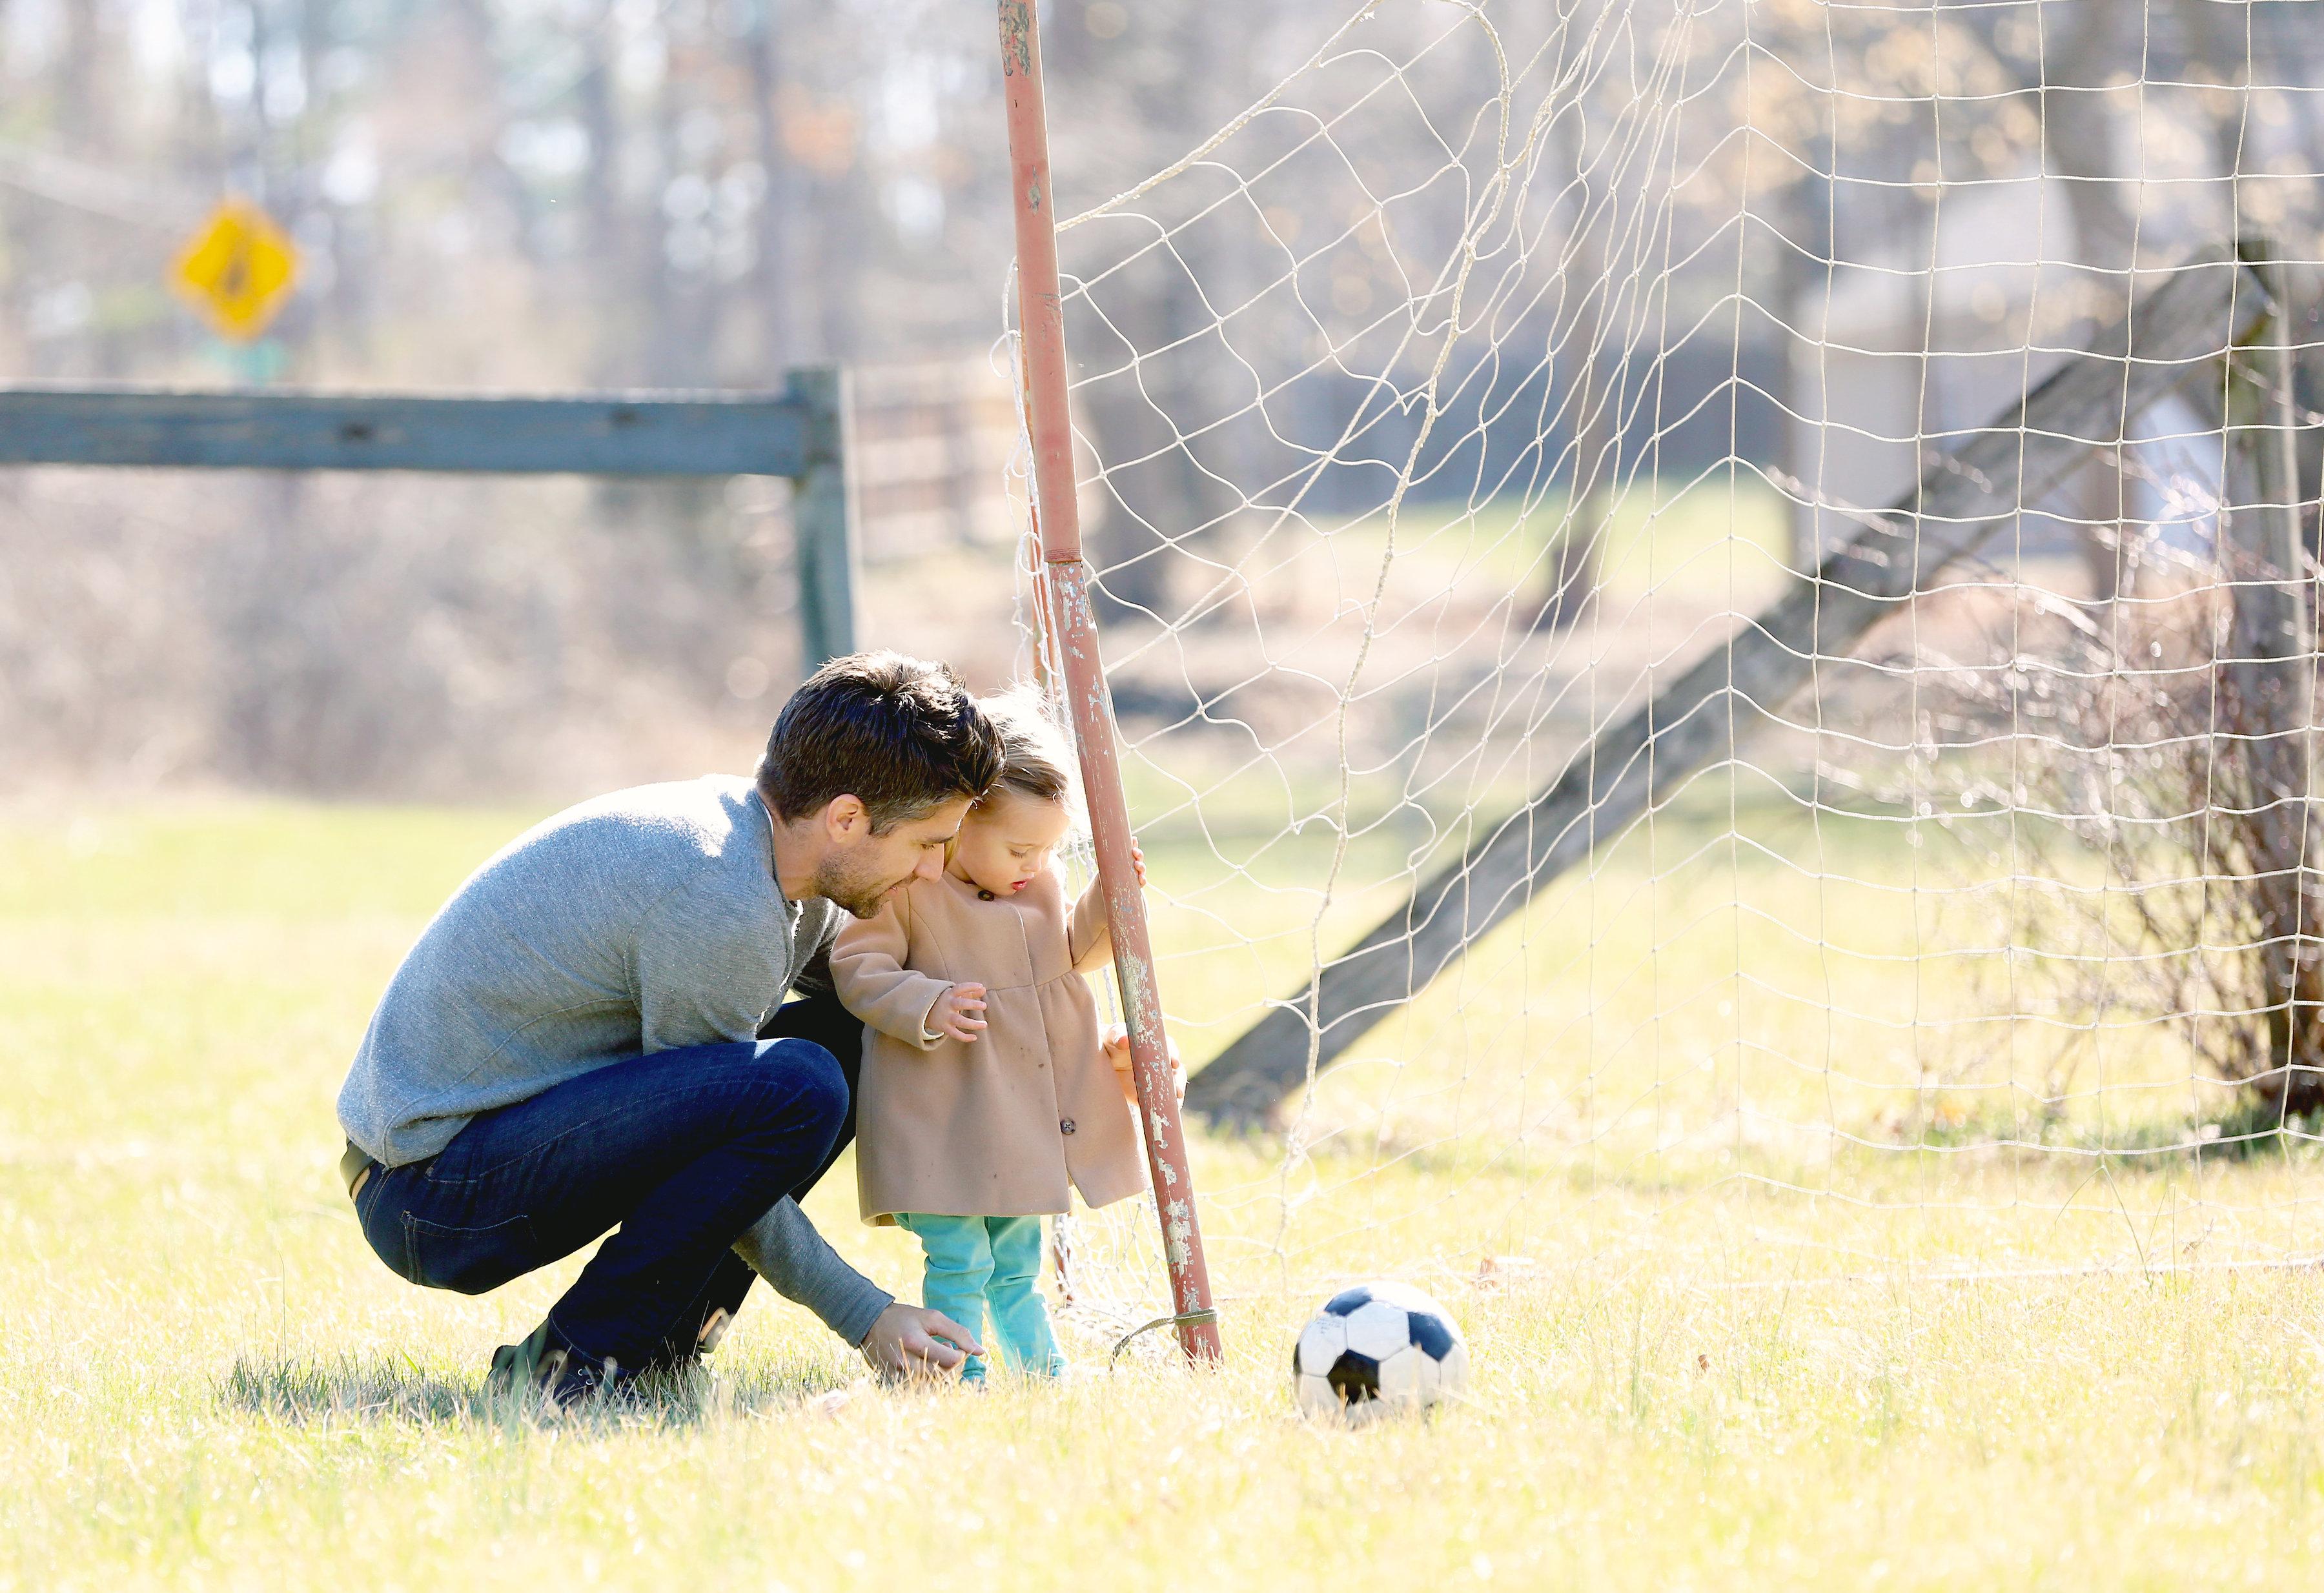 SoccerField_013